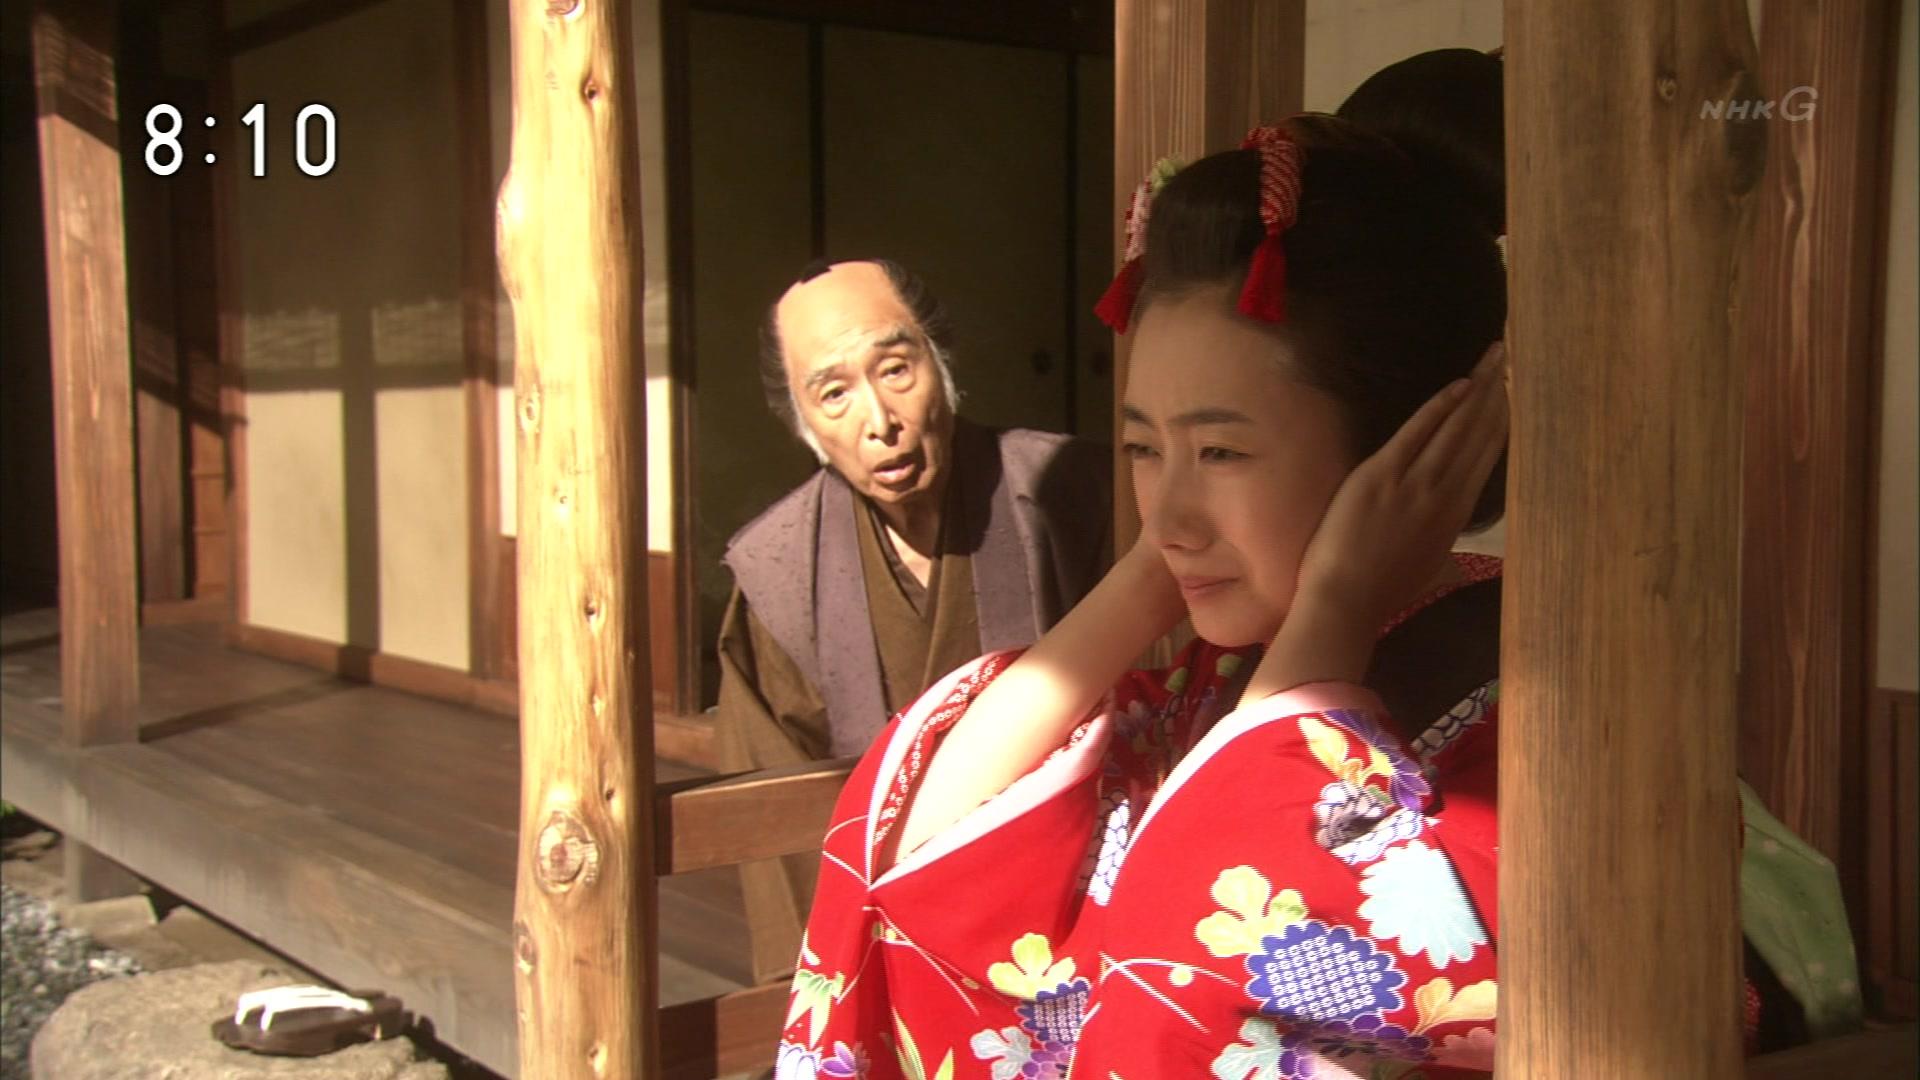 2015-10-06 08:00 連続テレビ小説 あさが来た(8)「ふたつの花びら」 2001